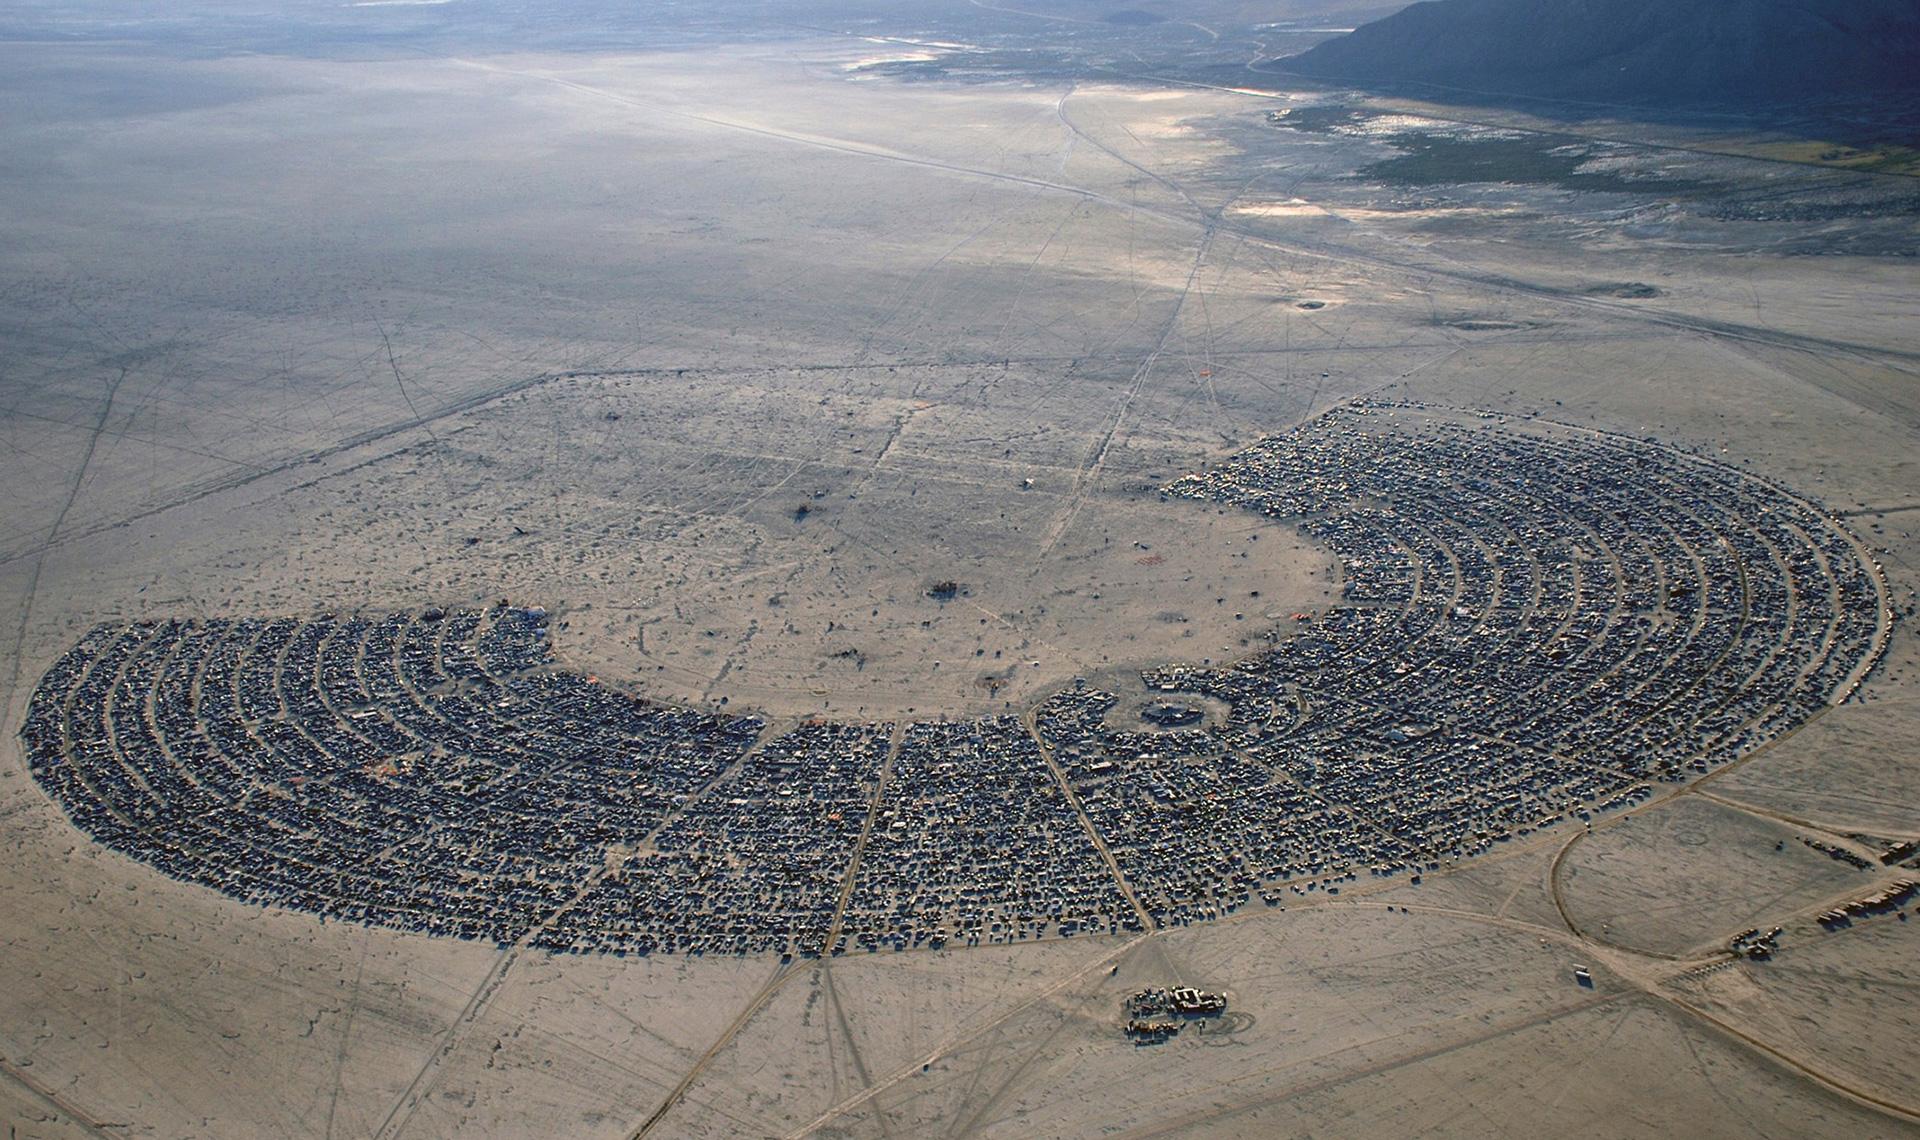 Фестиваль  Burning Man 2020 отменен